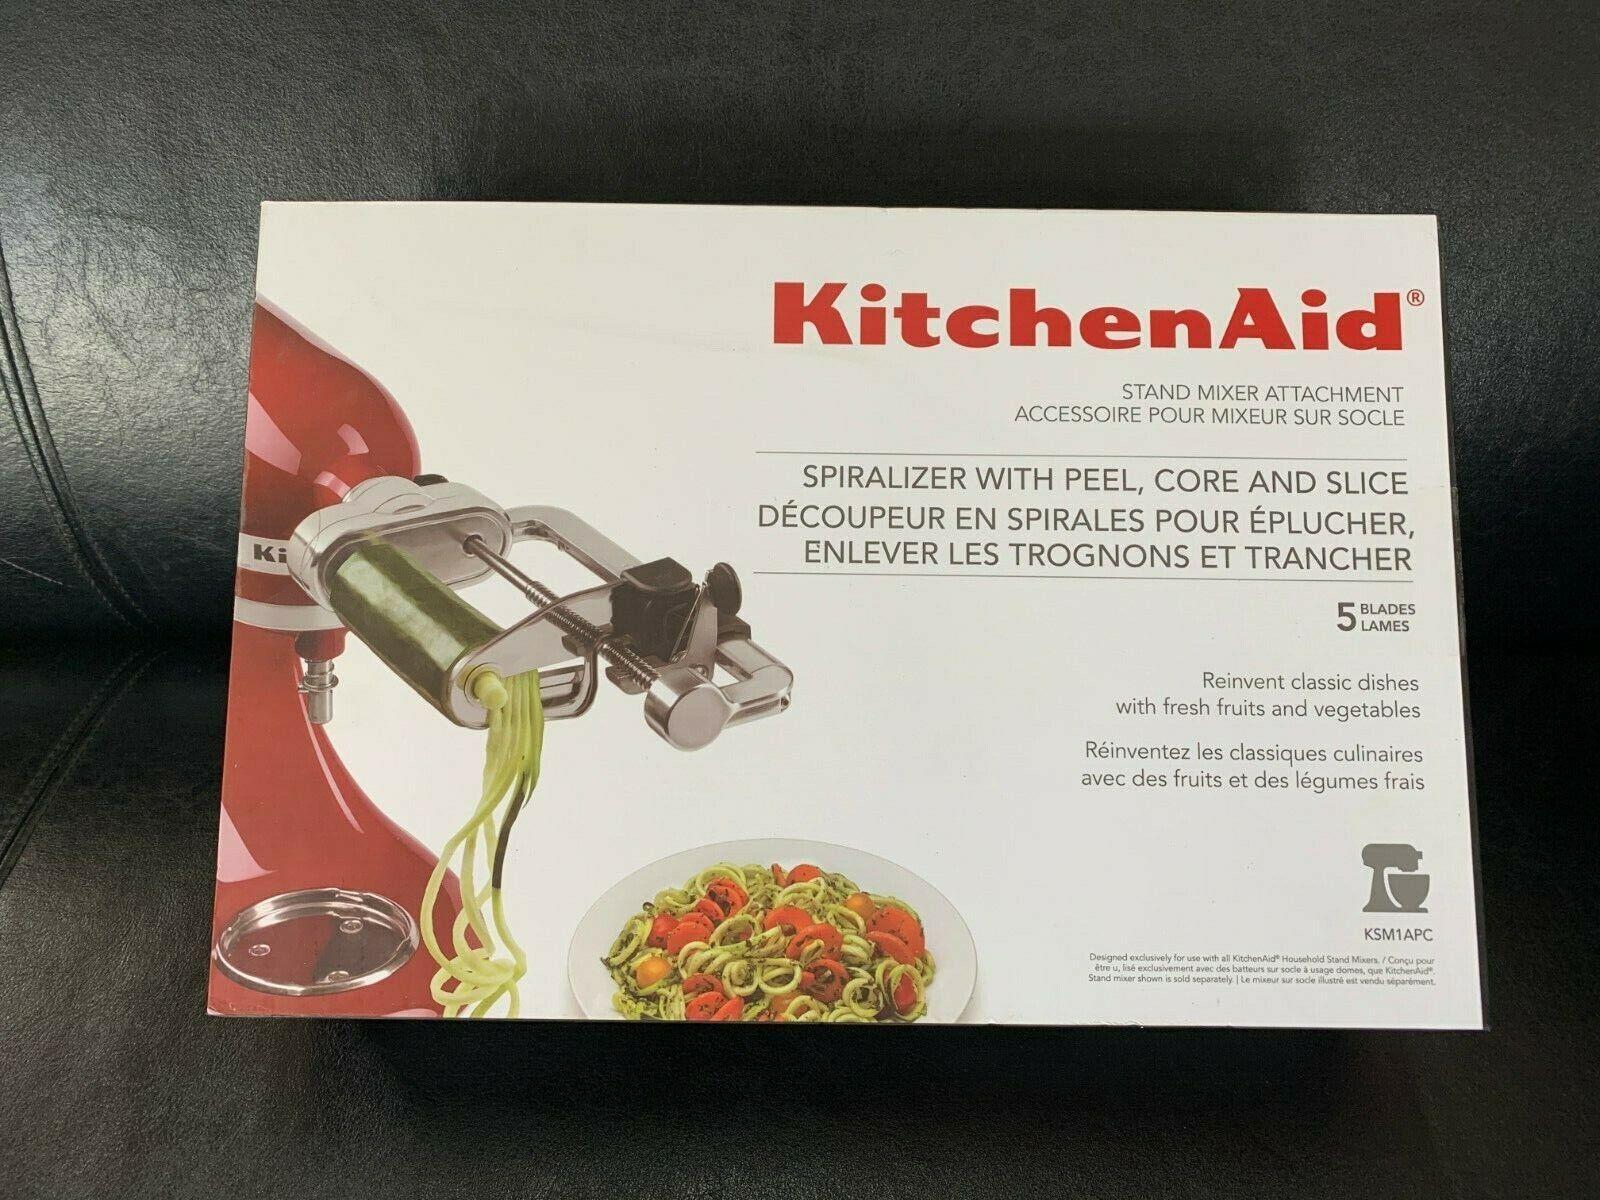 KitchenAid Spiralizer KSM1APC